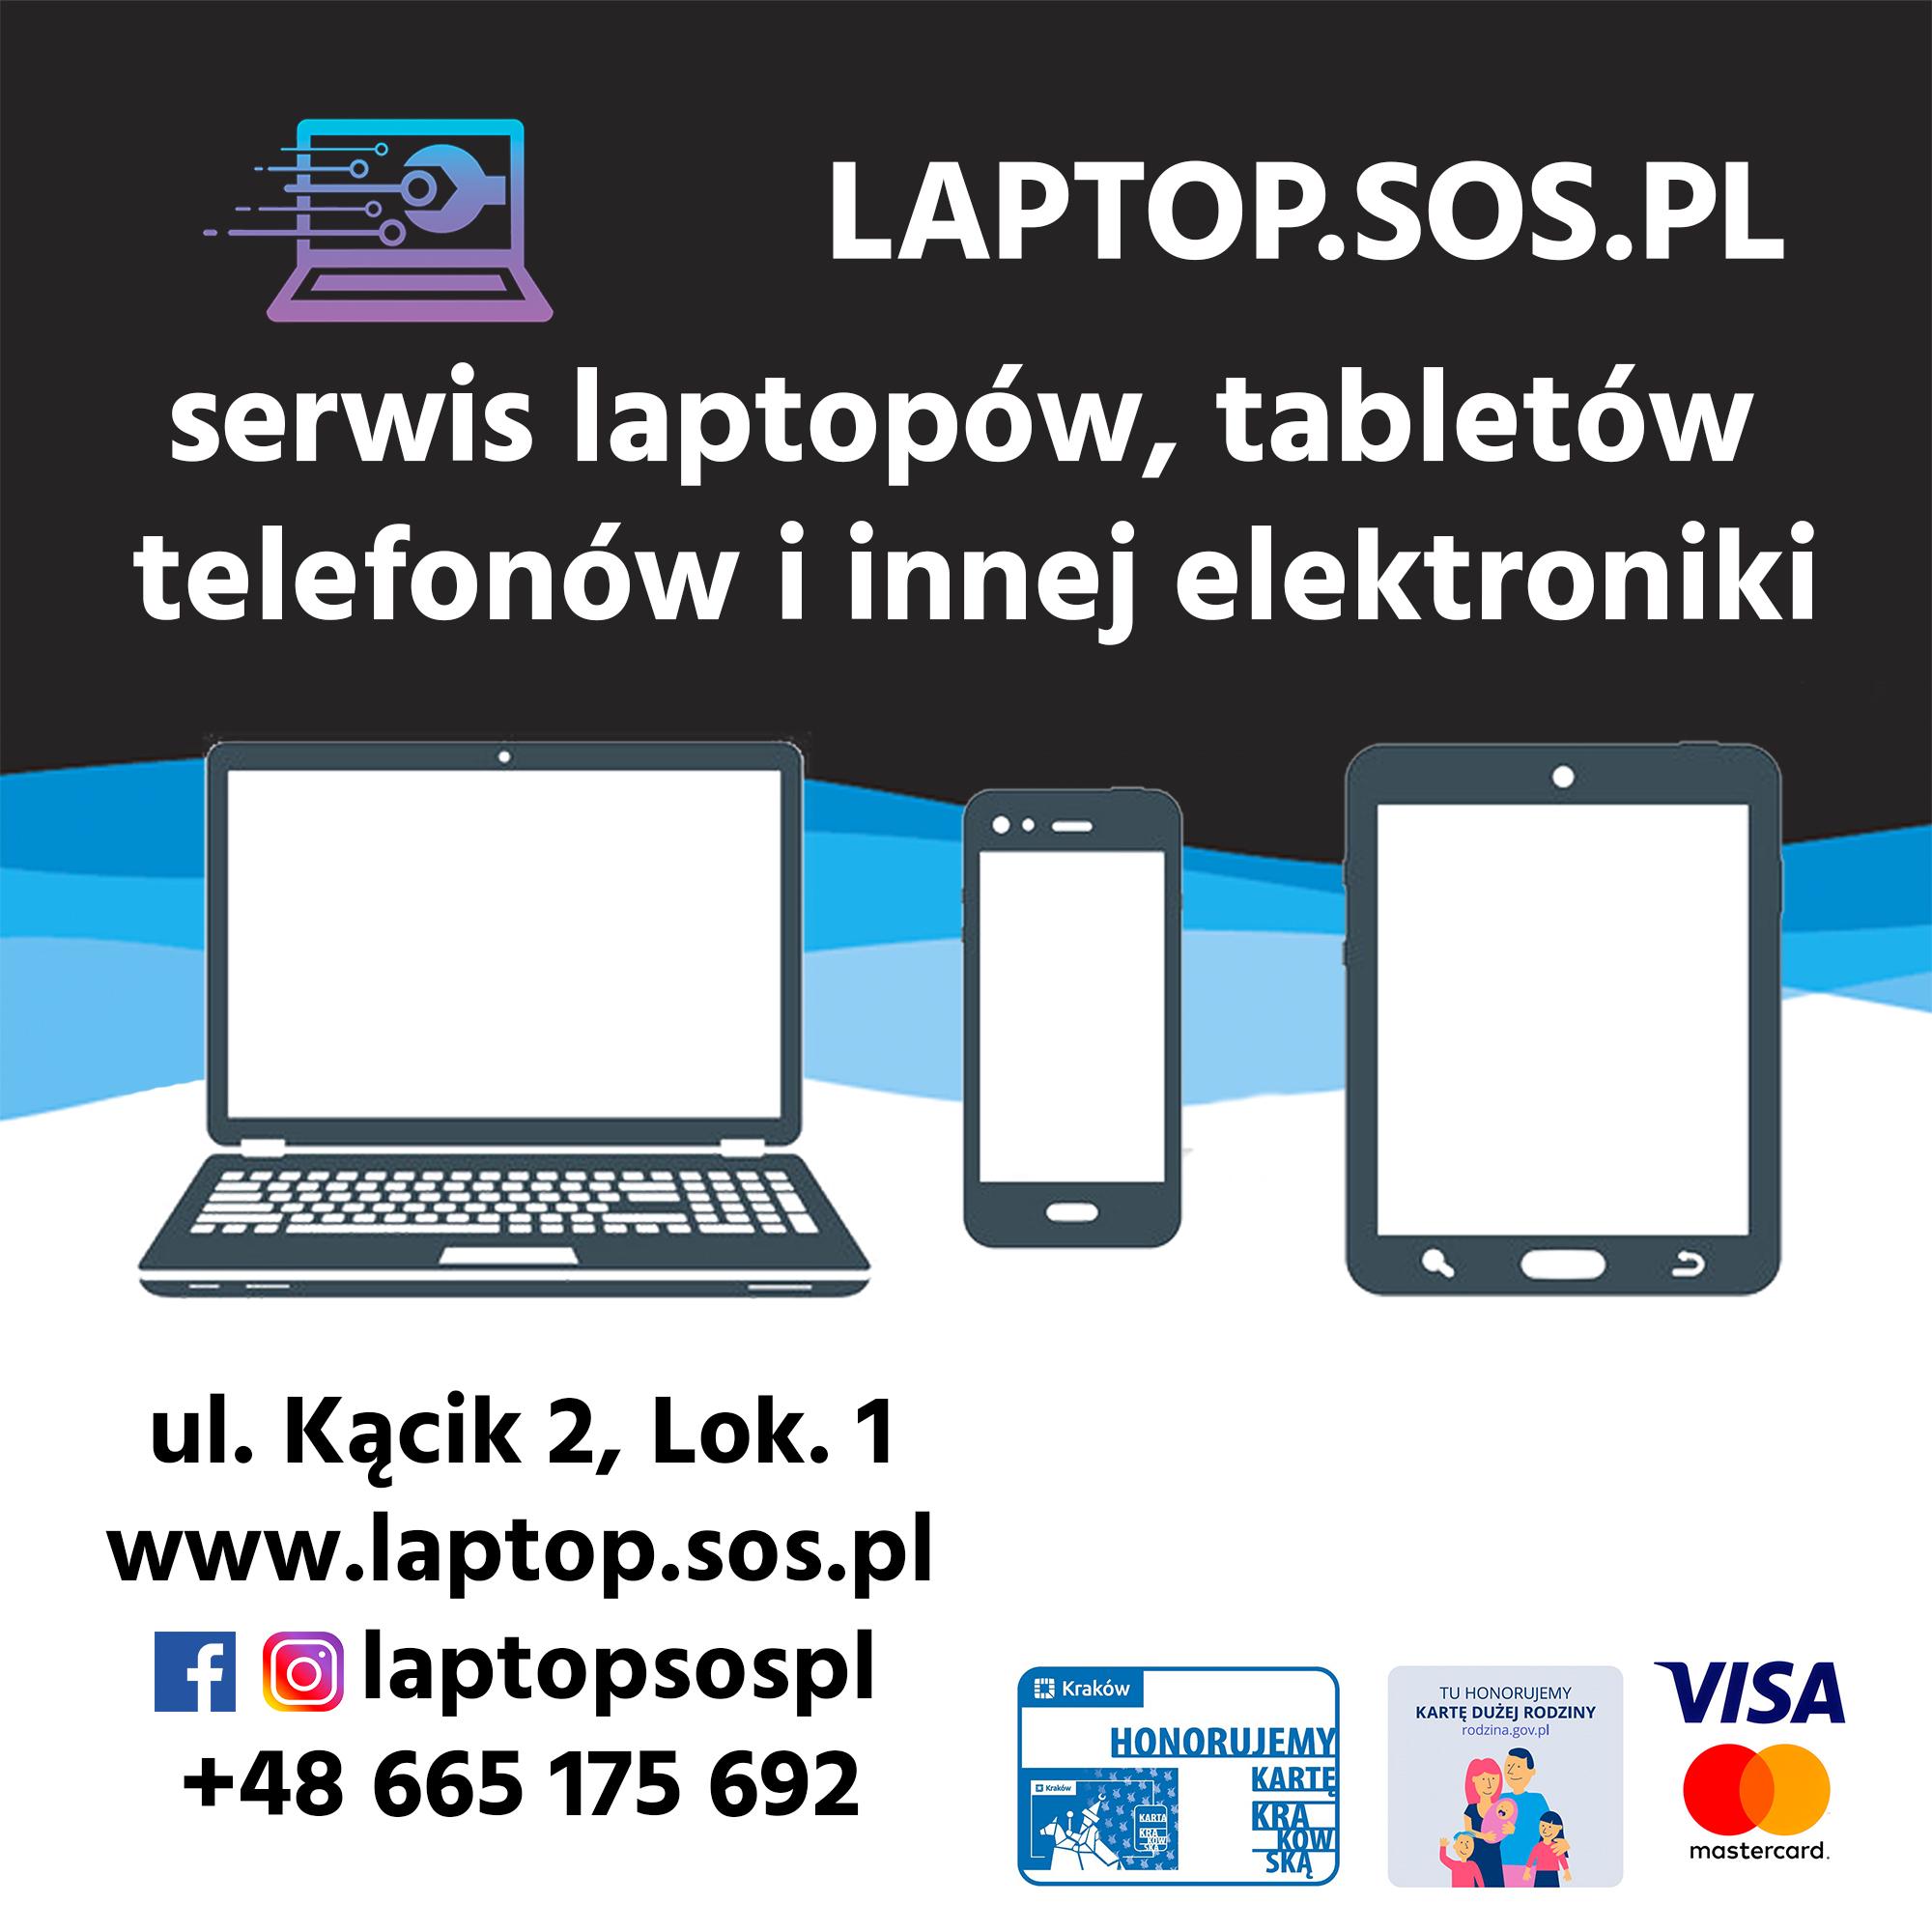 serwis laptopów tabletów i innej elektroniki kraków